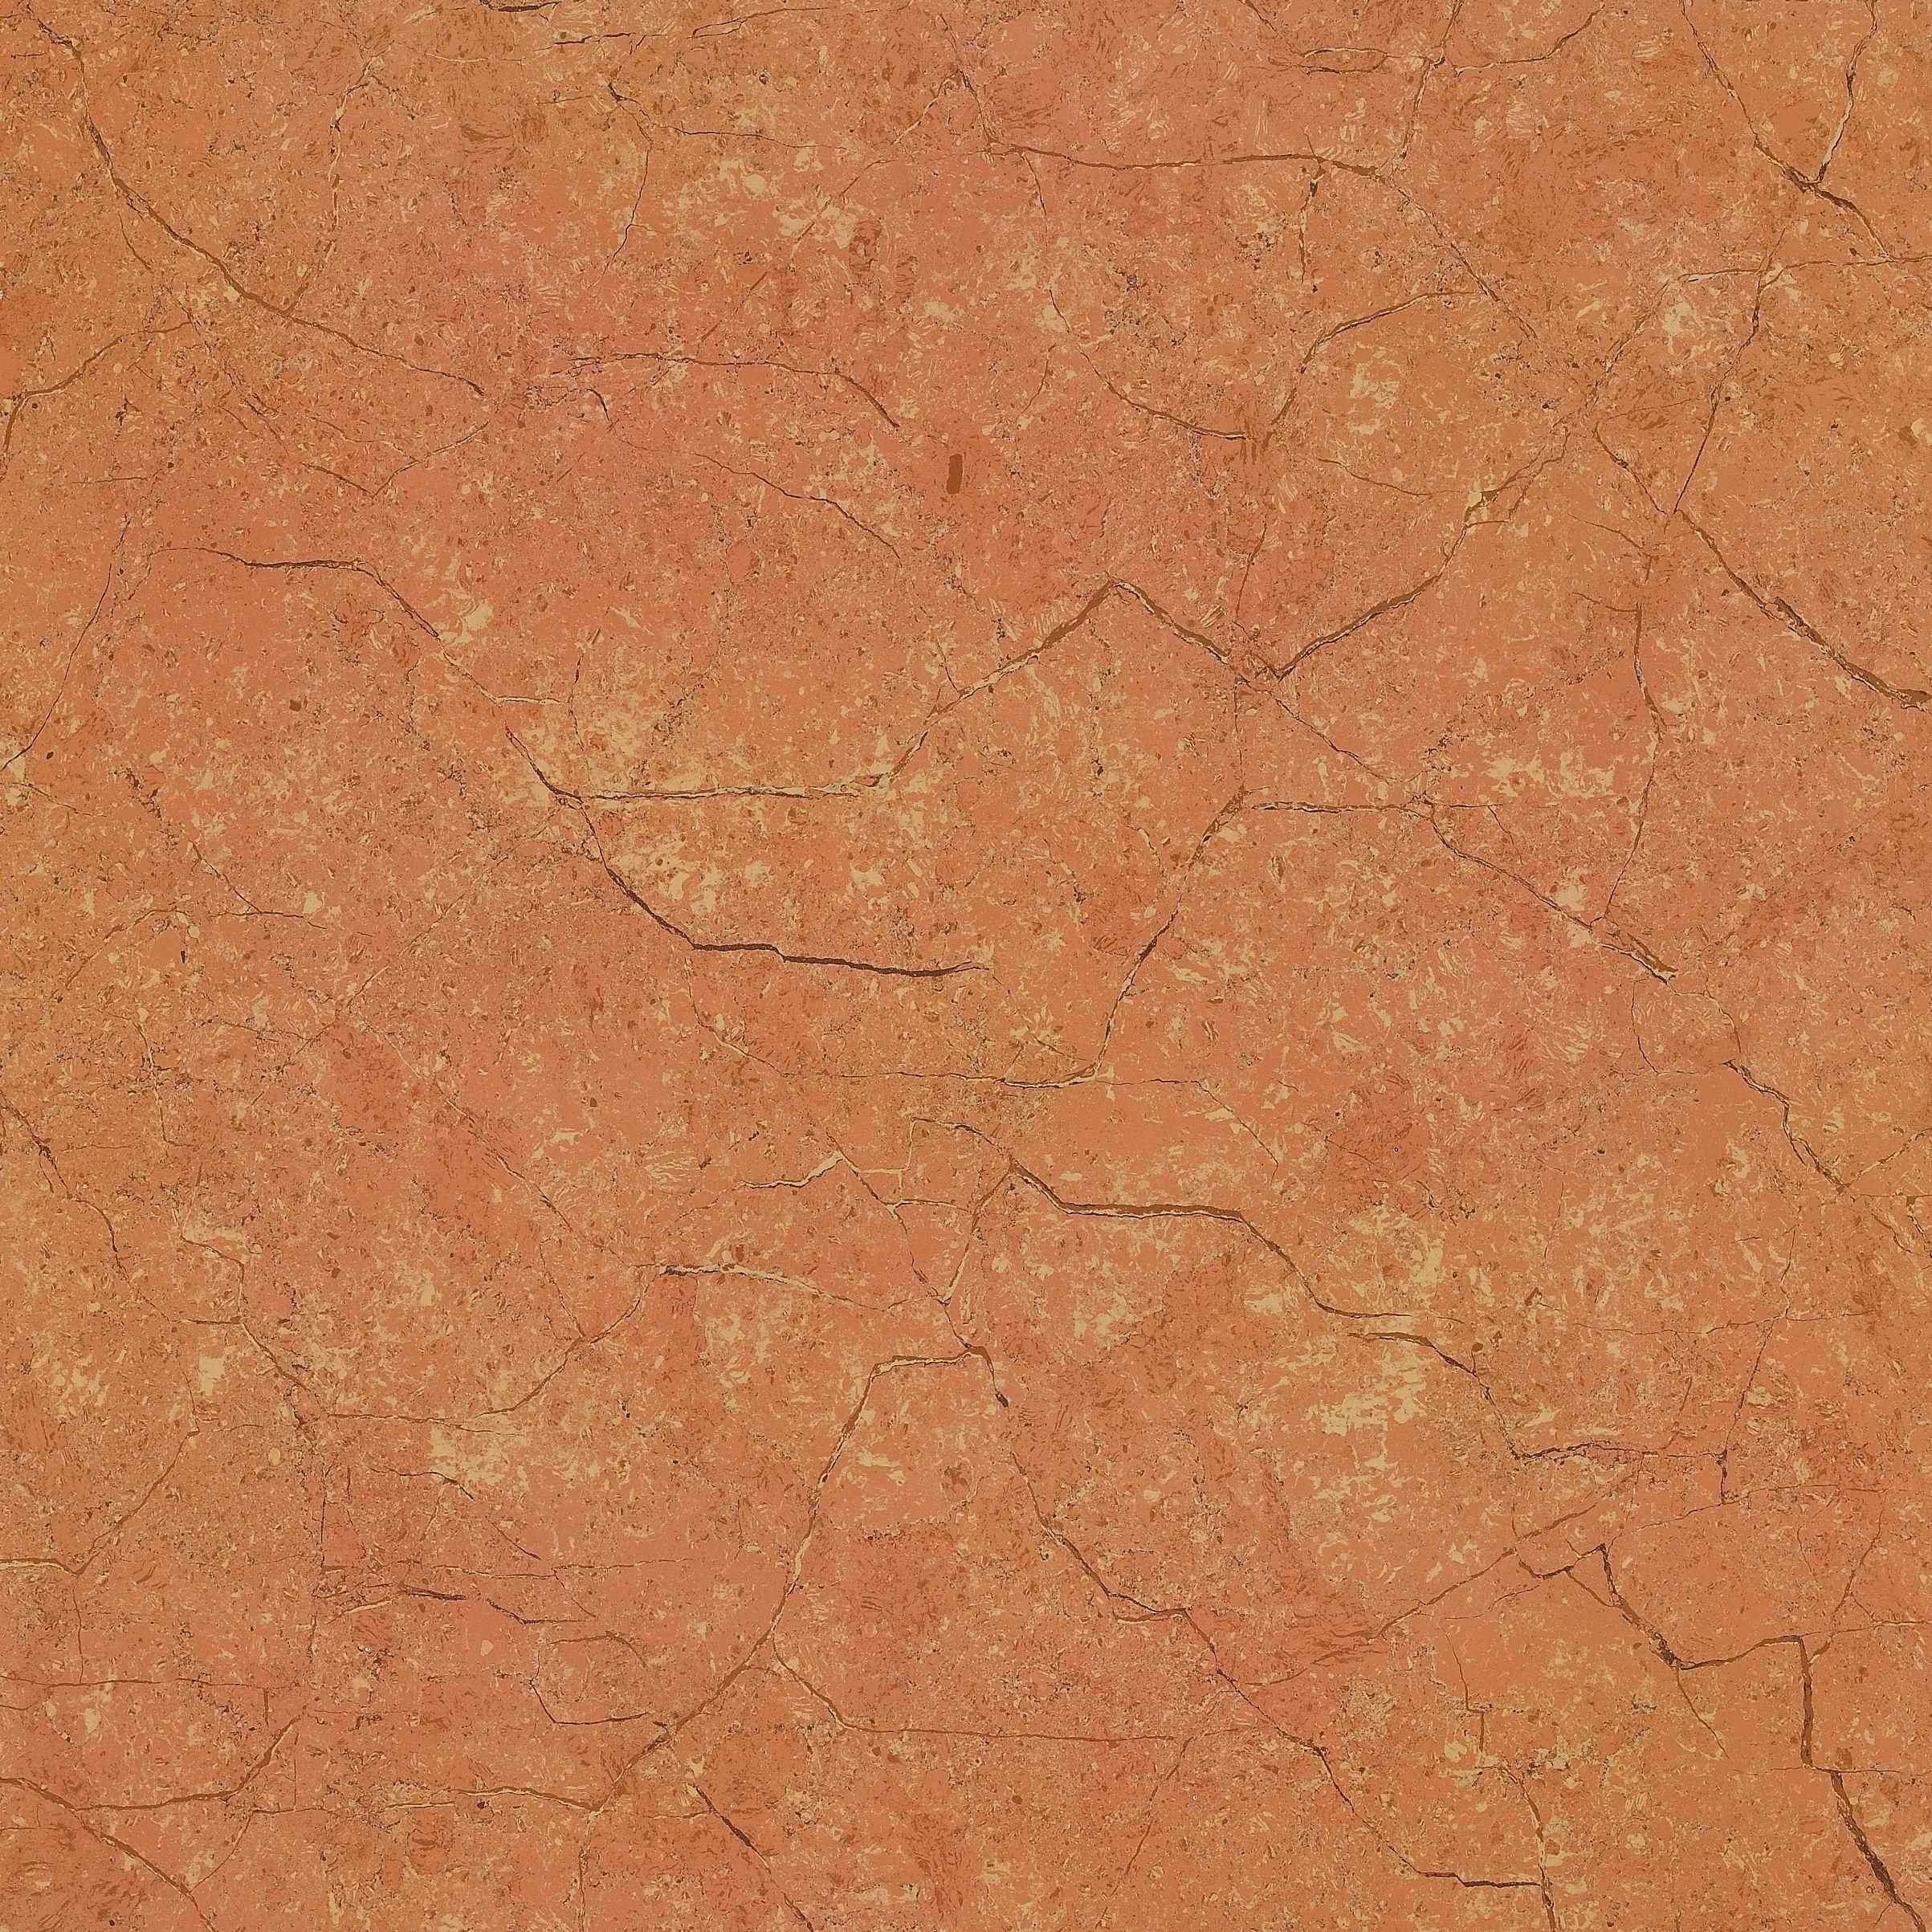 美式砖贴图素材-欧式阳台地砖贴图素材